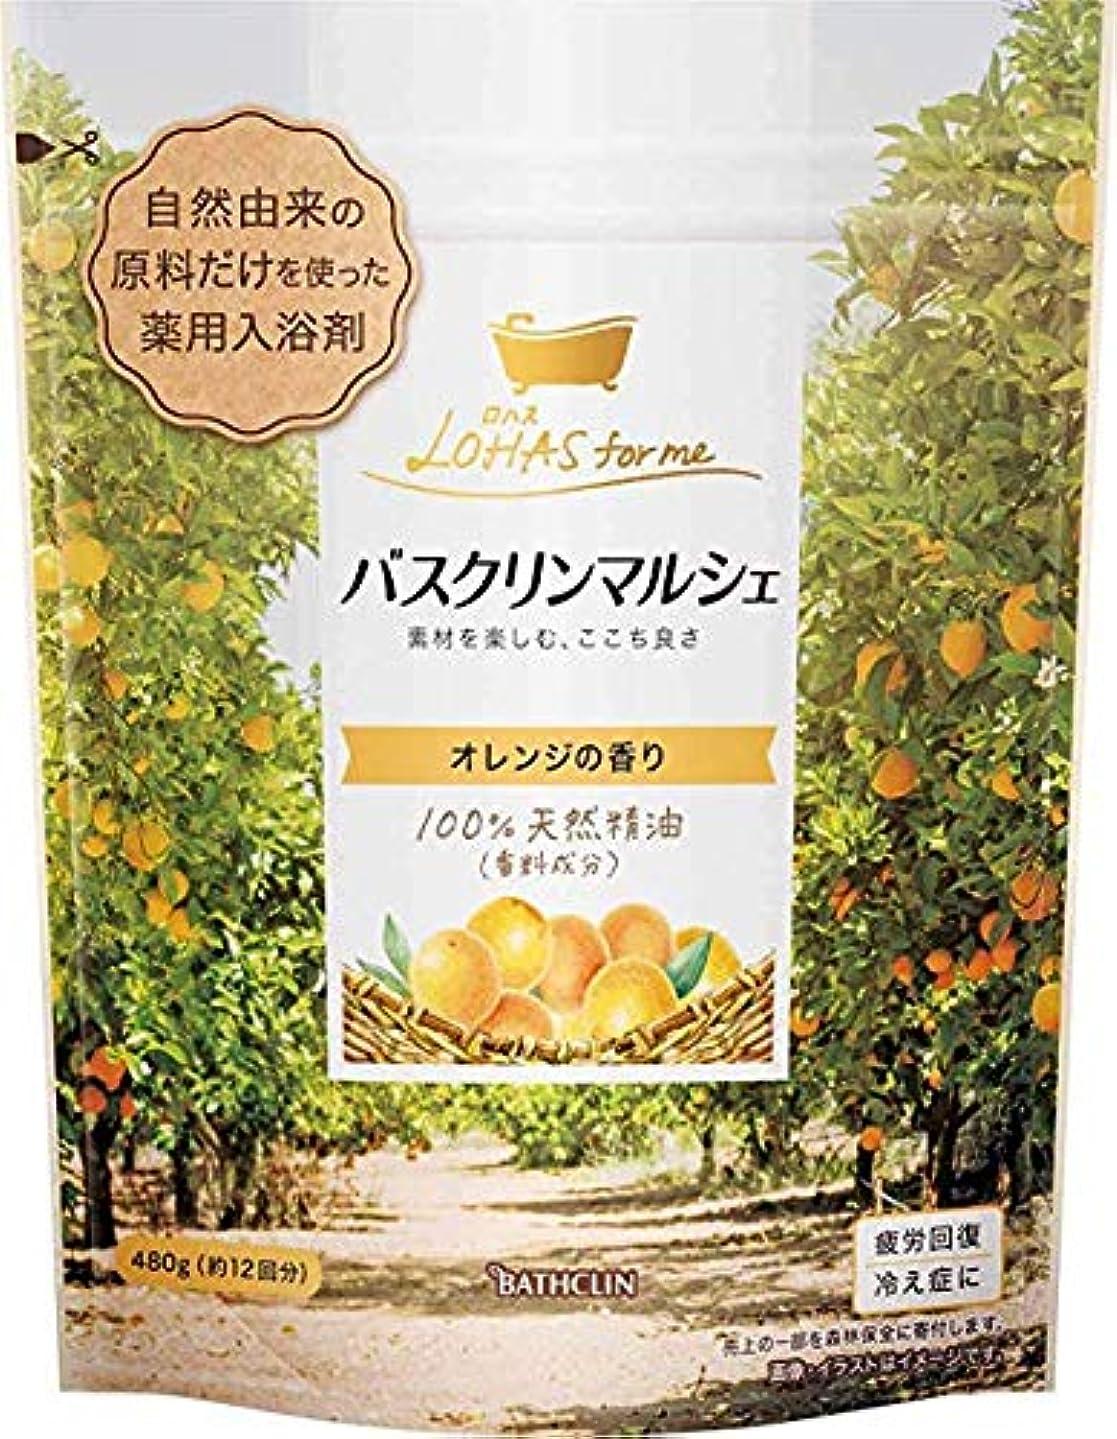 水四よろしく【合成香料無添加/医薬部外品】バスクリンマルシェオレンジの香り480g入浴剤